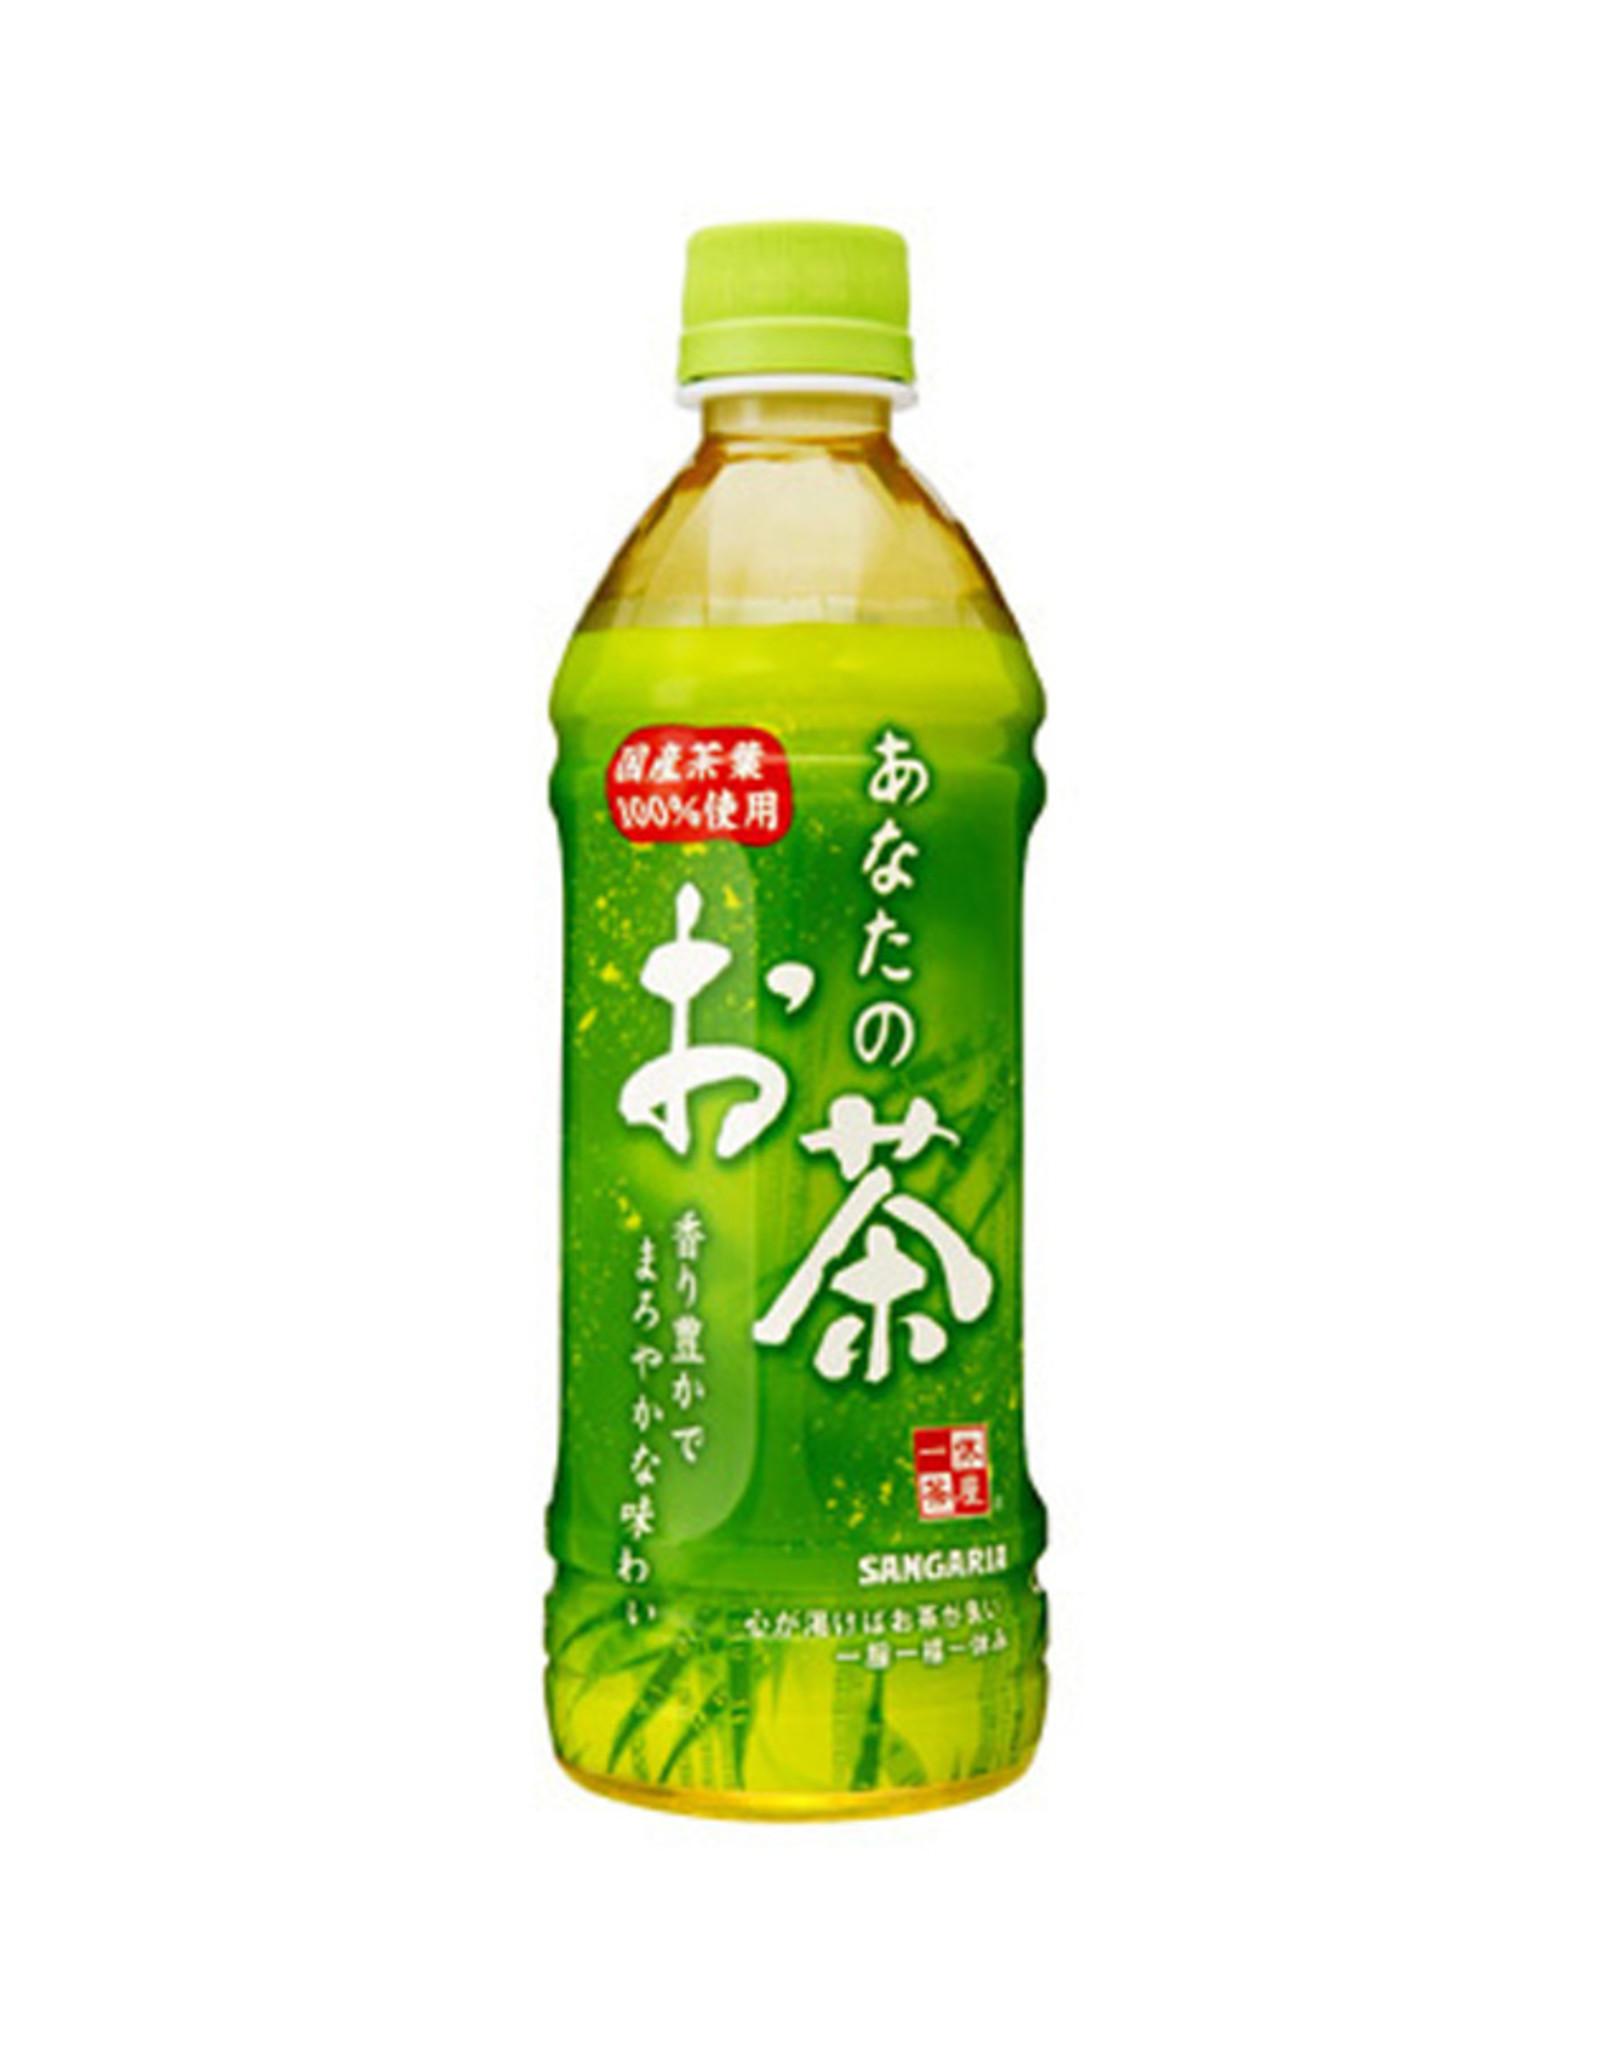 Sangaria Green Tea - 500ml